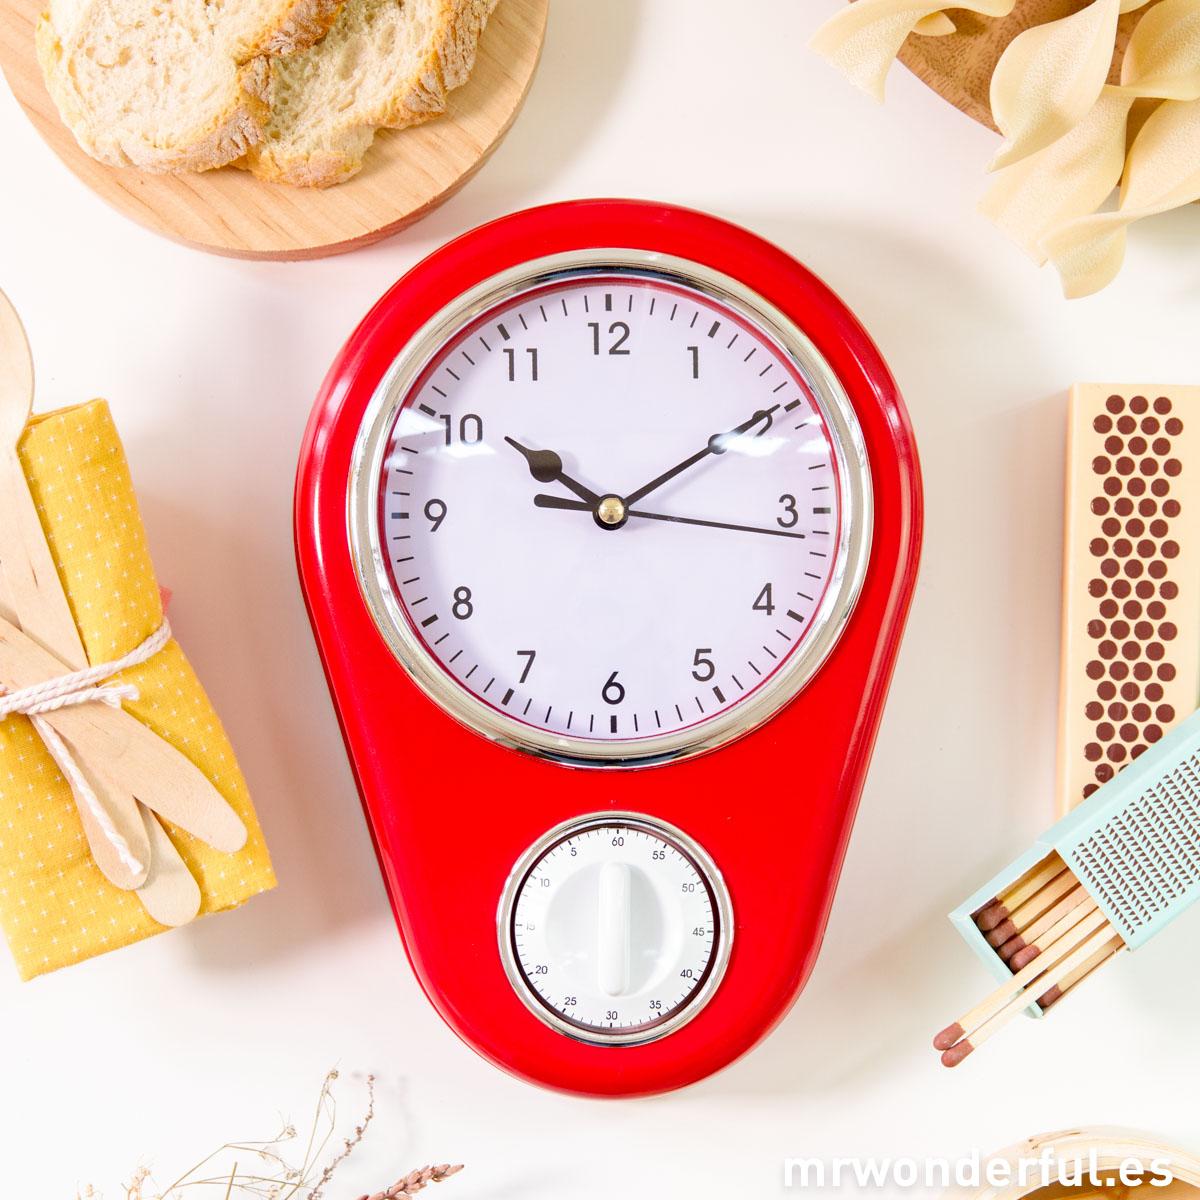 Relojes de cocina originales good fabulous reloj de pared - Relojes de cocina modernos ...